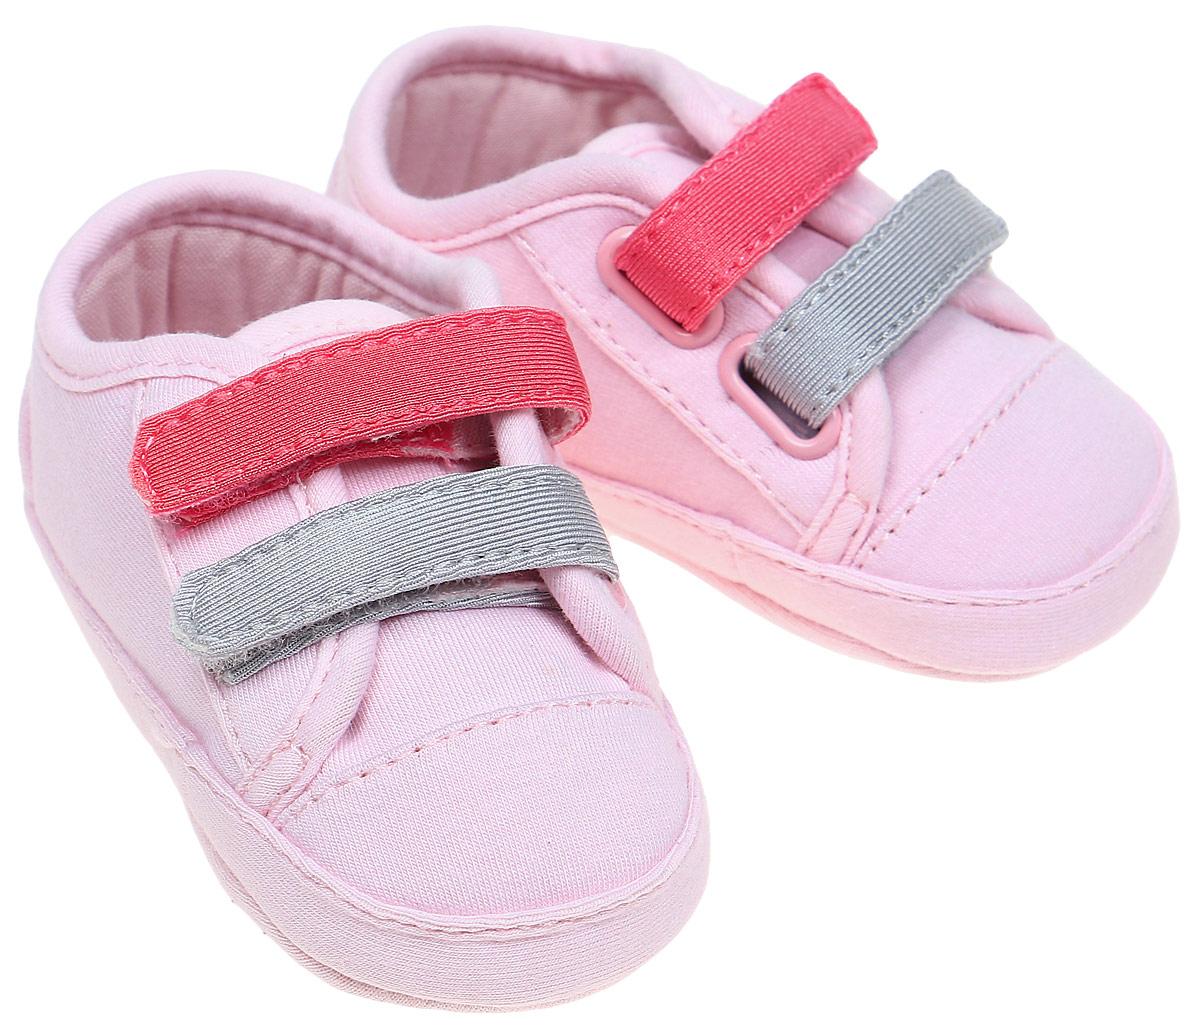 Пинетки детские United Colors of Benetton, цвет: розовый. 8H8CN1087. Размер 168H8CN1087Пинетки детские United Colors of Benetton выполнены из текстиля. Модель застегивается на липучки.